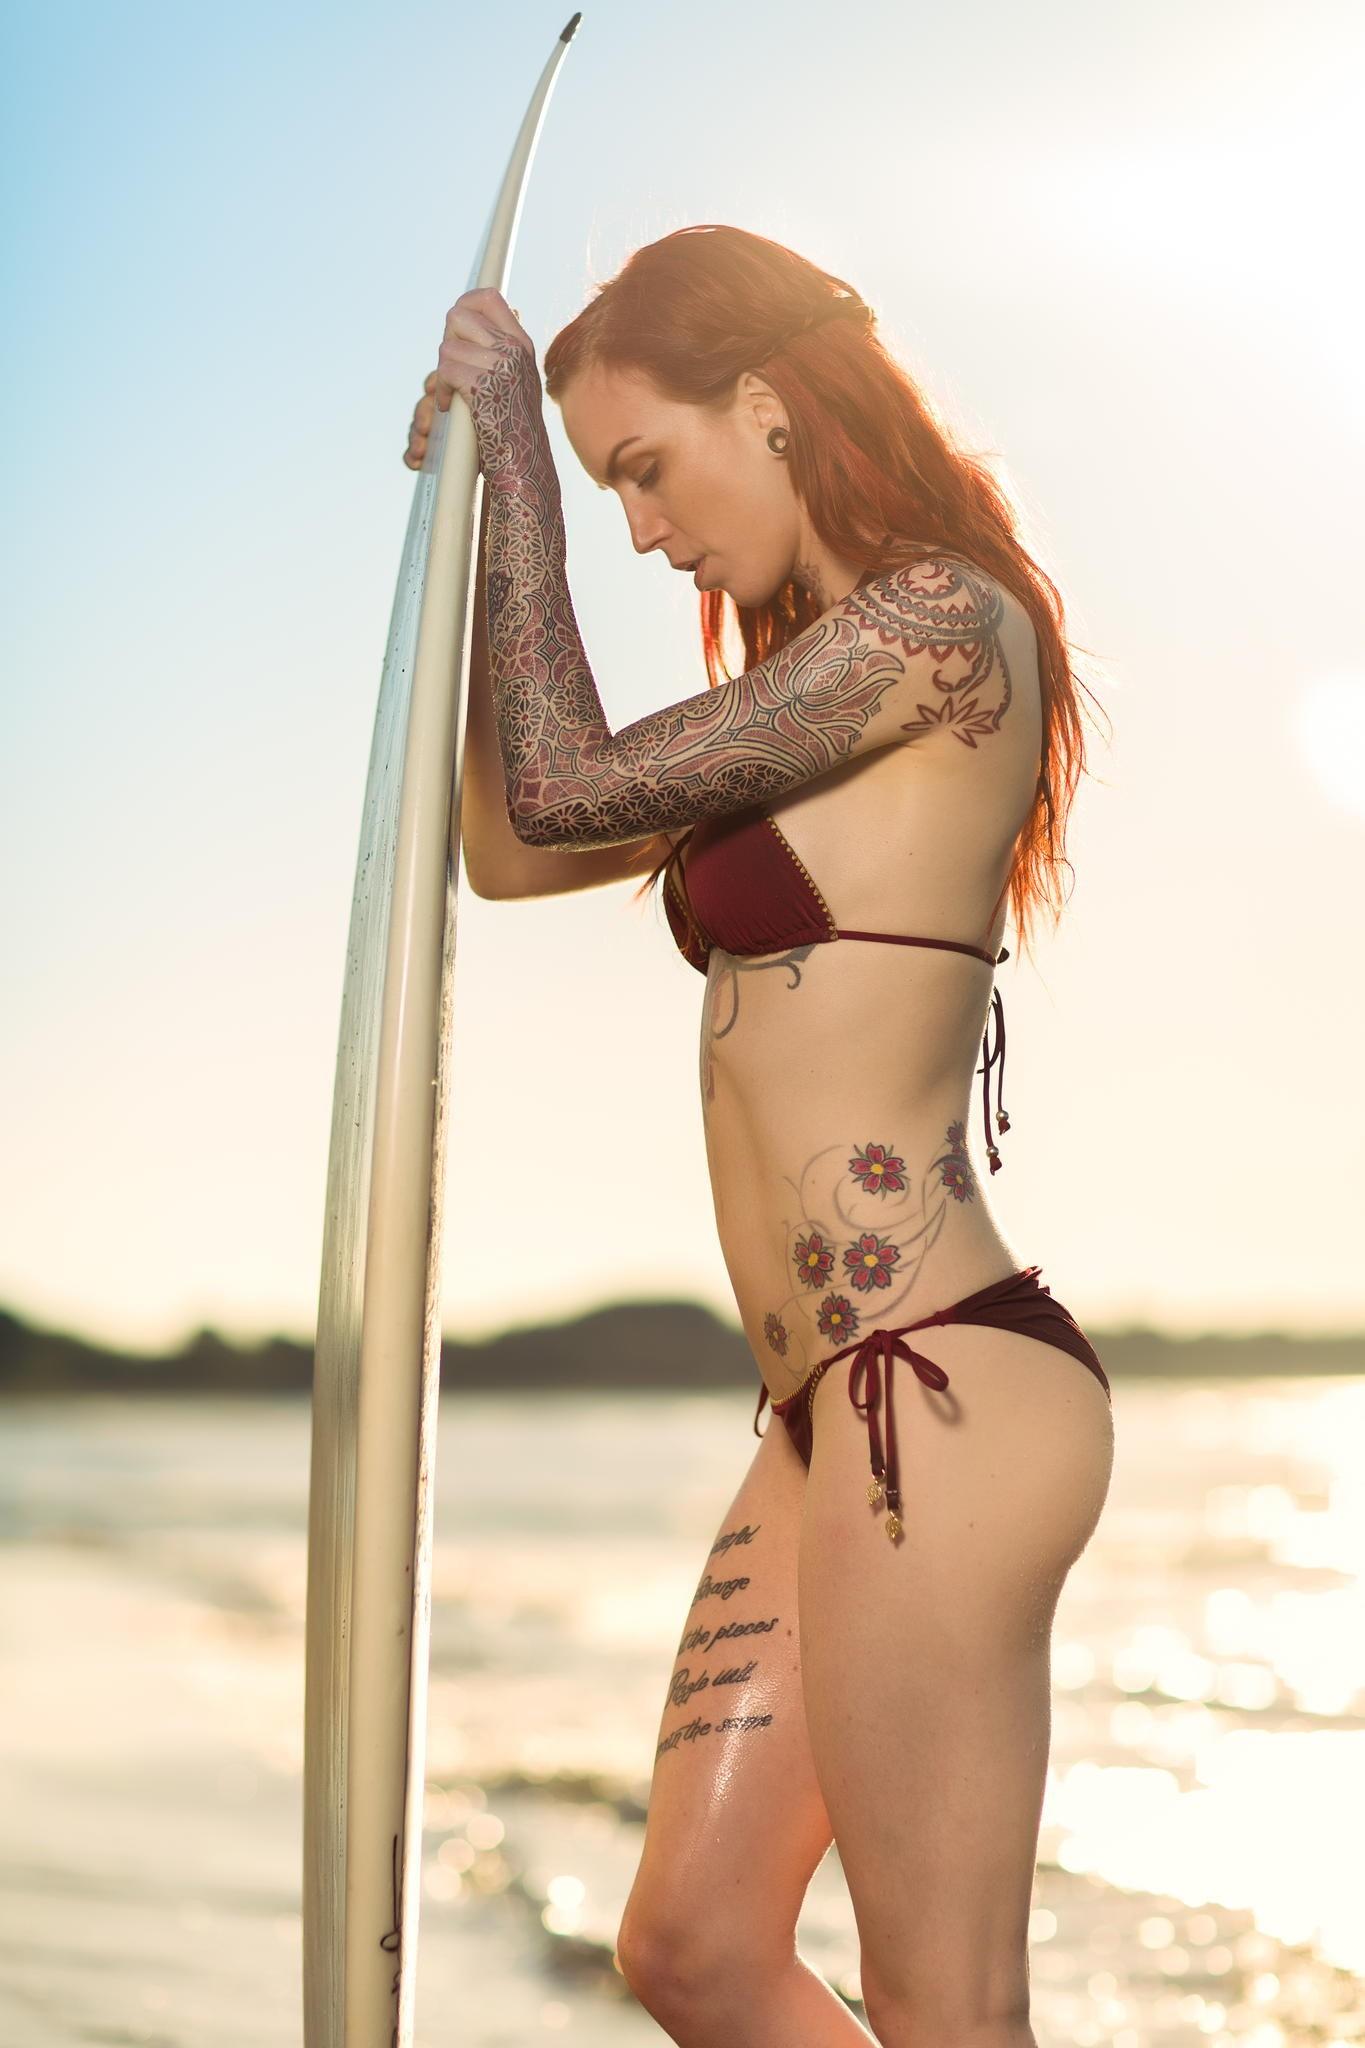 People 1365x2048 women model redhead long hair Linnea Thomasia tattoo portrait display closed eyes women outdoors swimwear bikini surfing sea hills waves sunlight open mouth piercing wet body surfboards